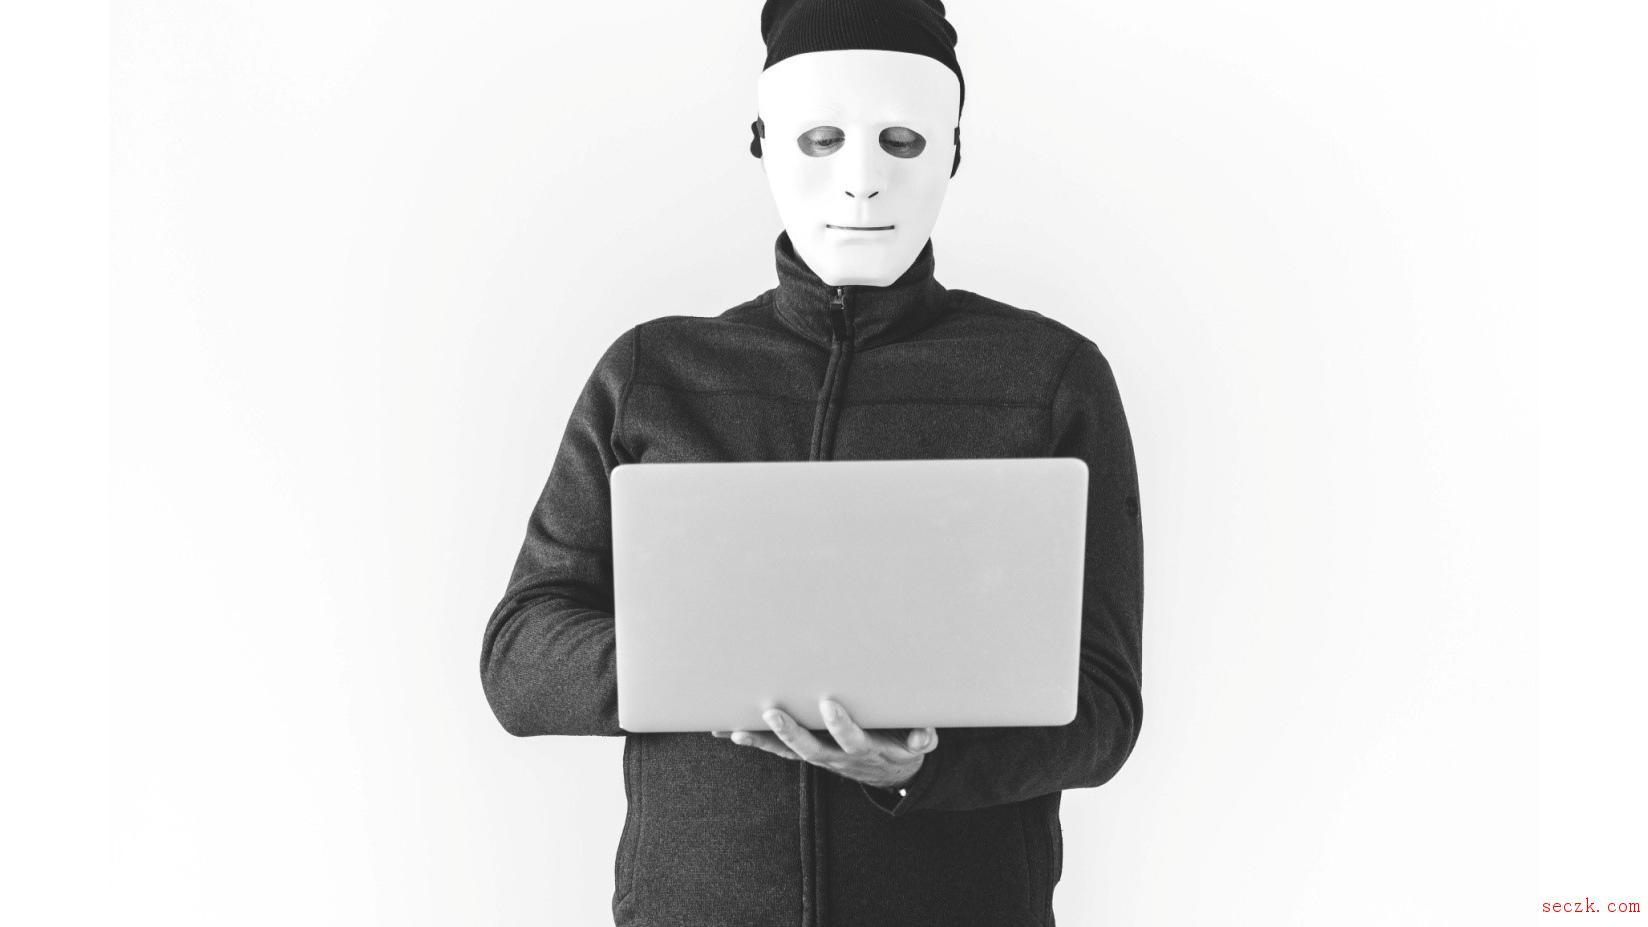 勒索软件中间商:在受害者与勒索者之间赚差价